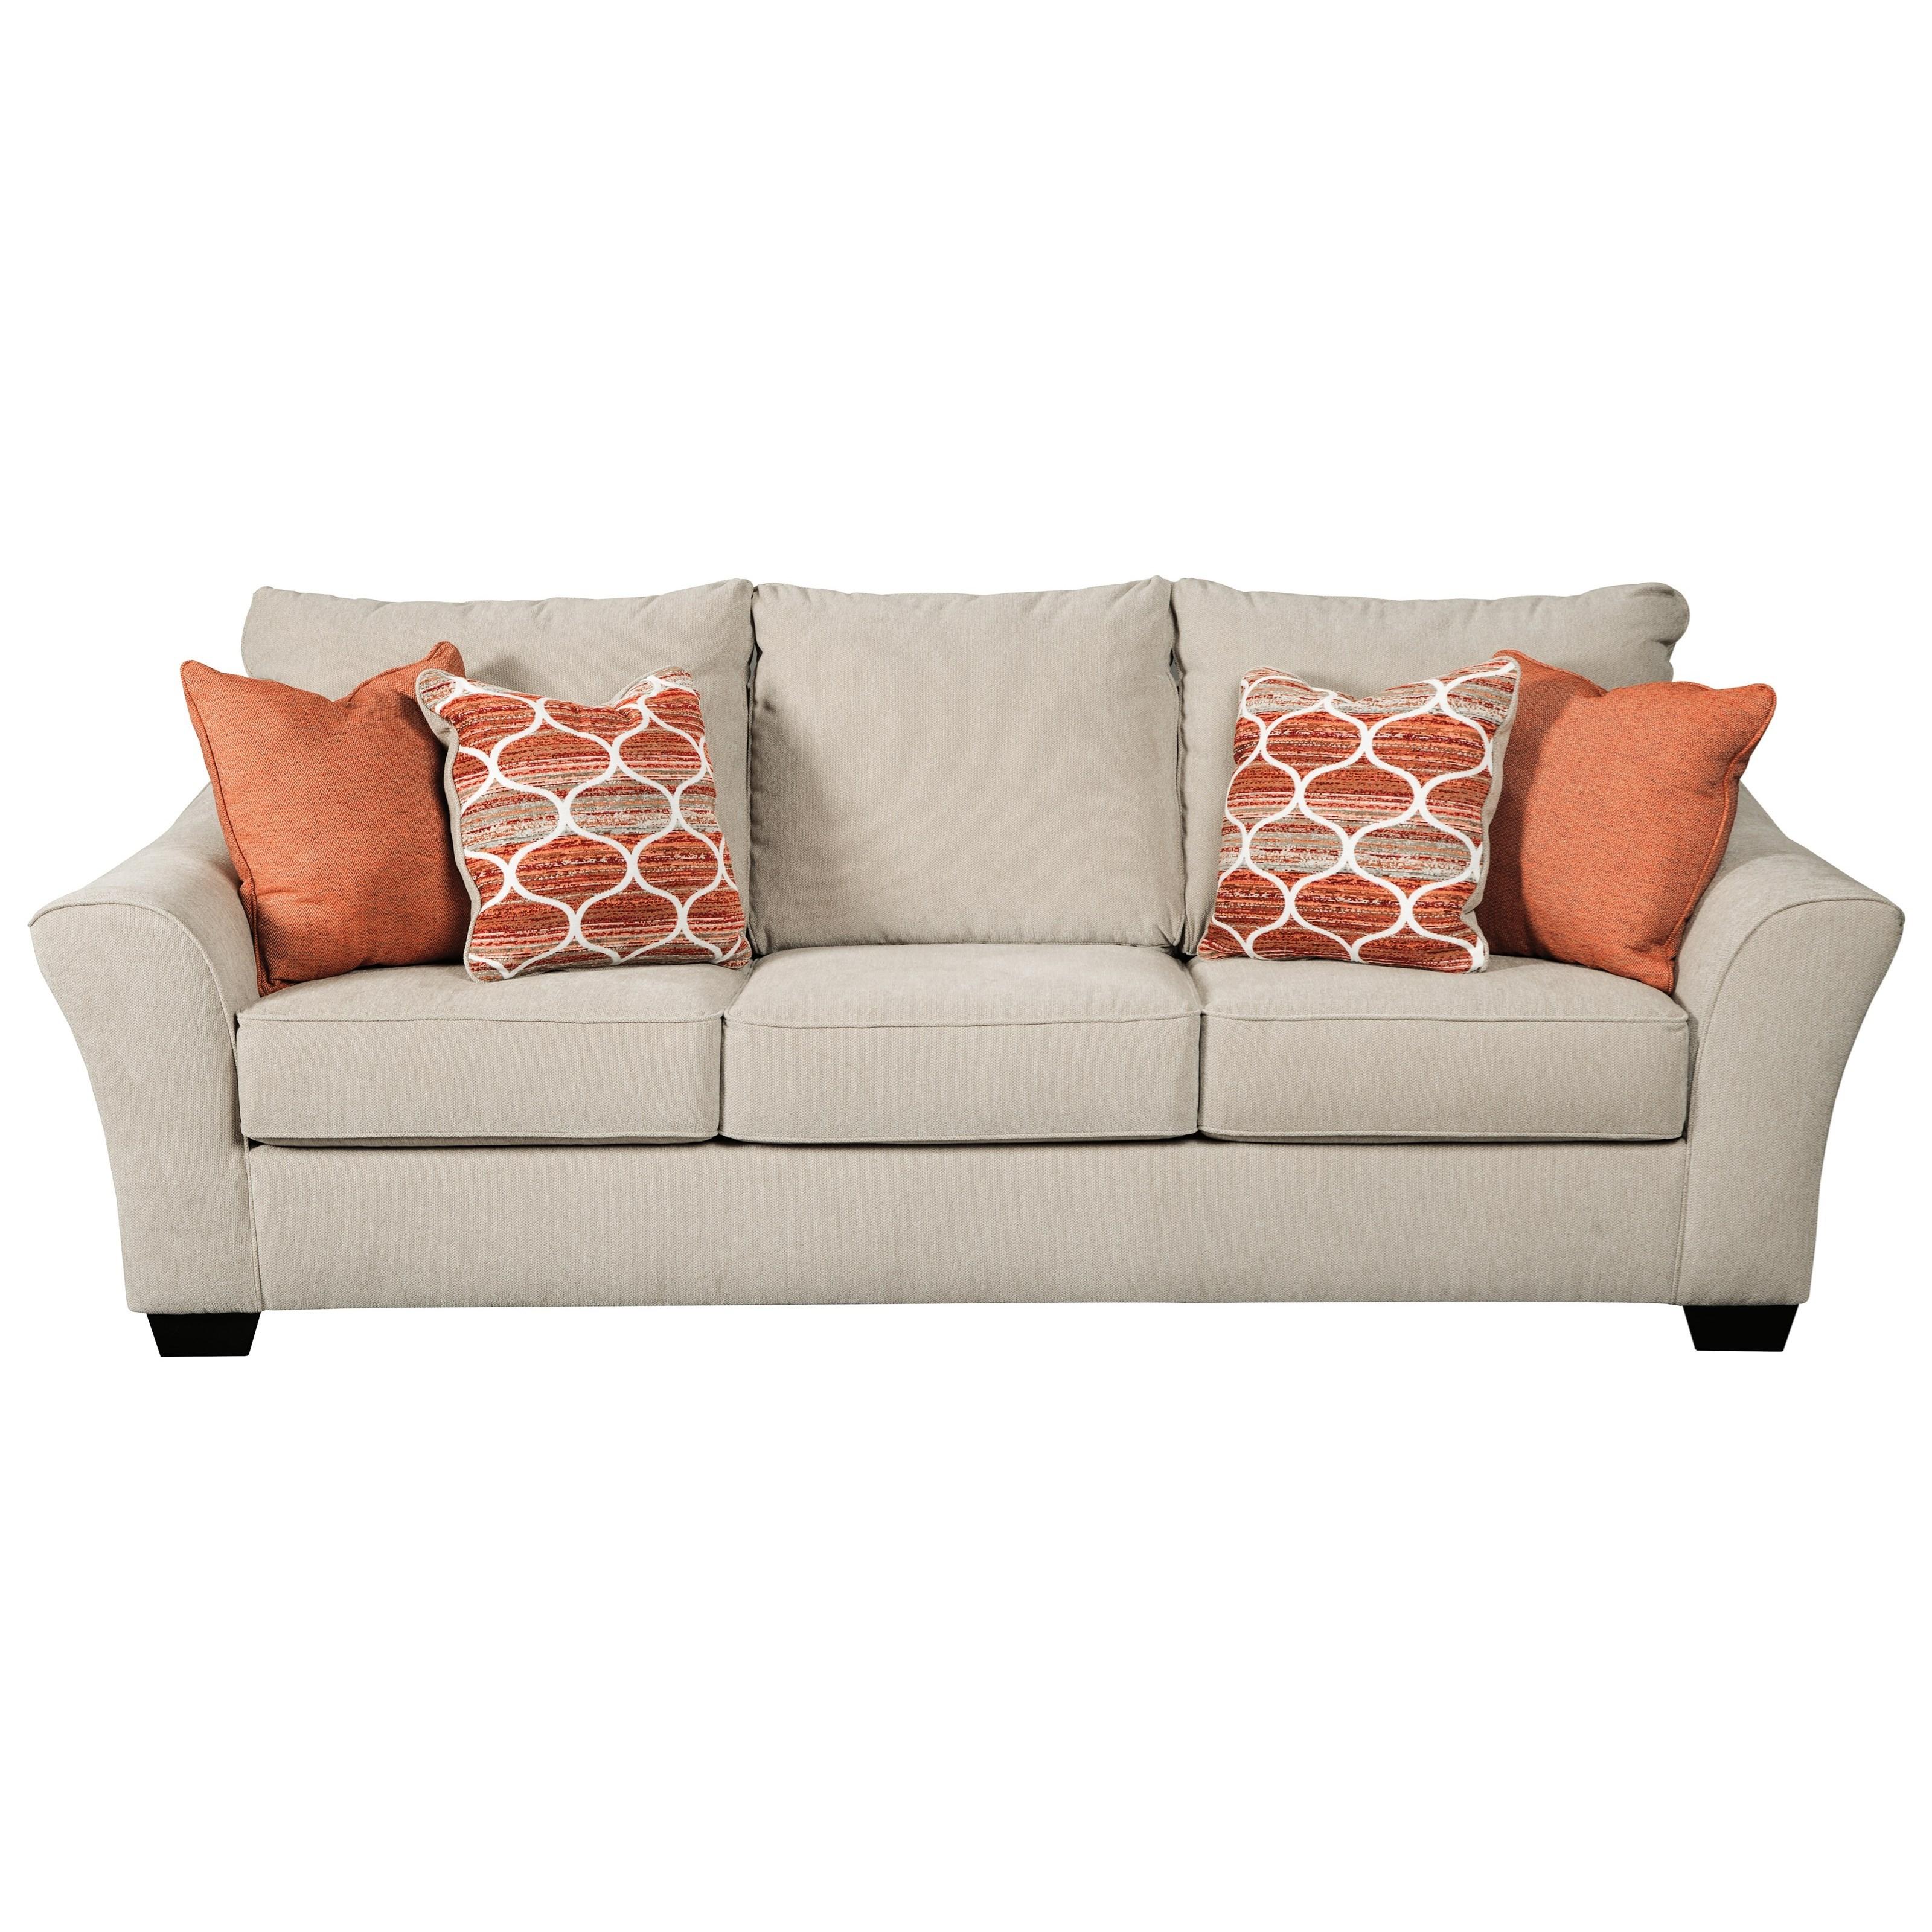 Queen Size Sofa Sleeper